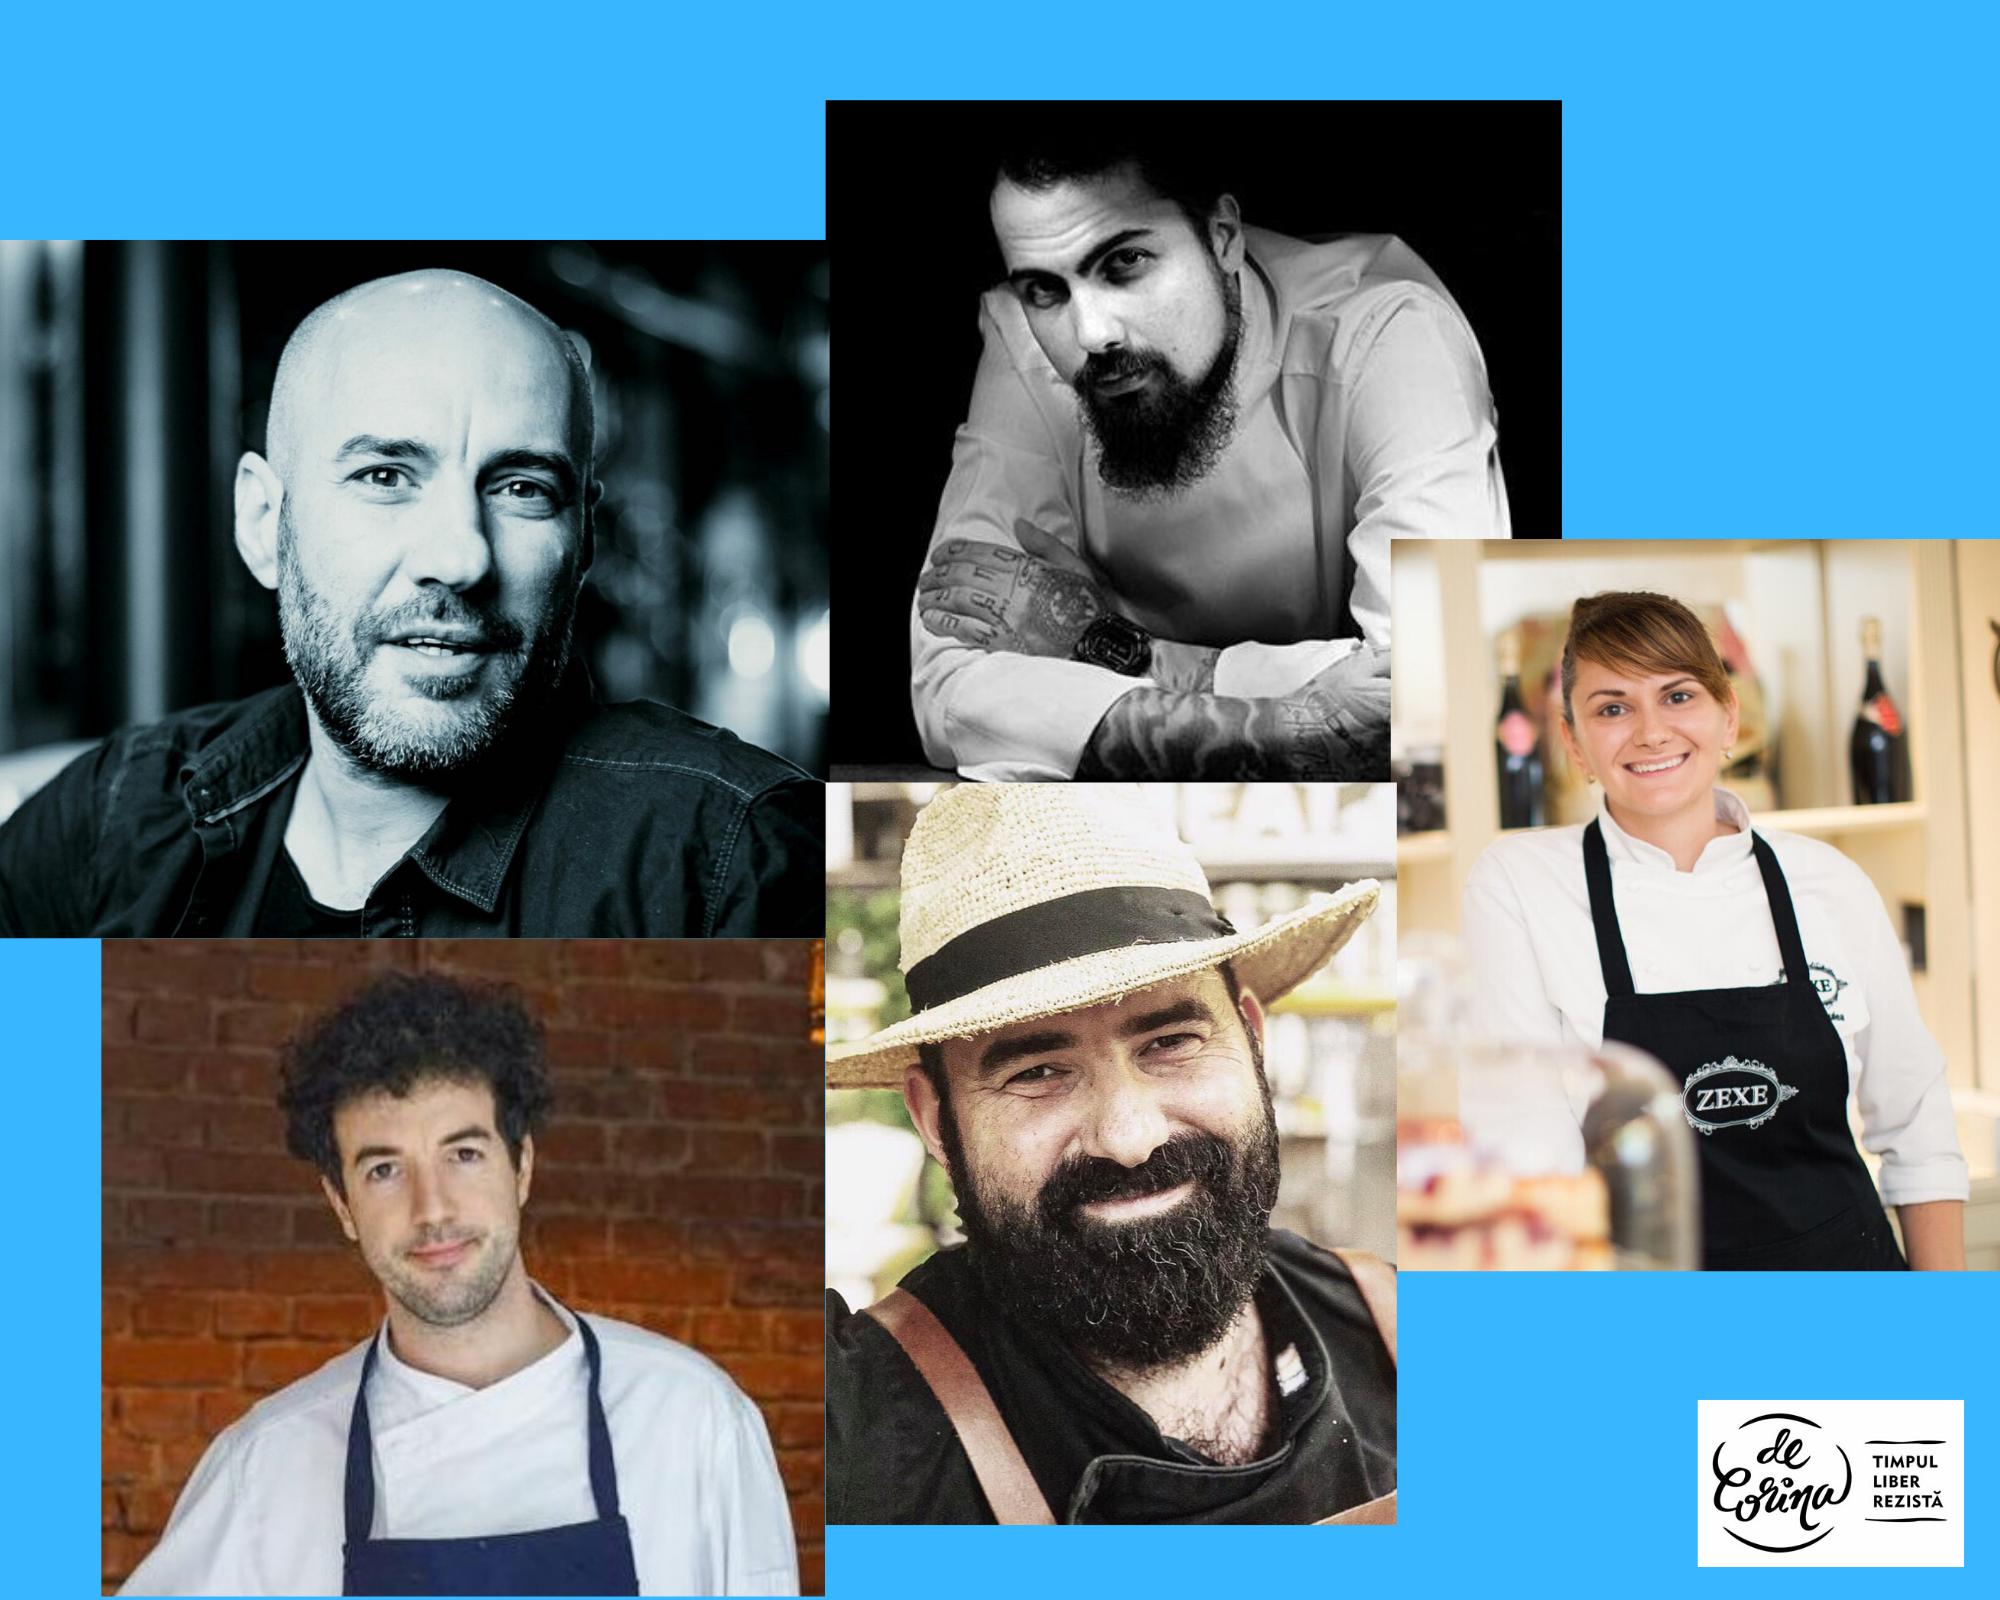 Interviu 5 Chefs și proprietari restaurante despre perioada covid pandemie, horeca închisă